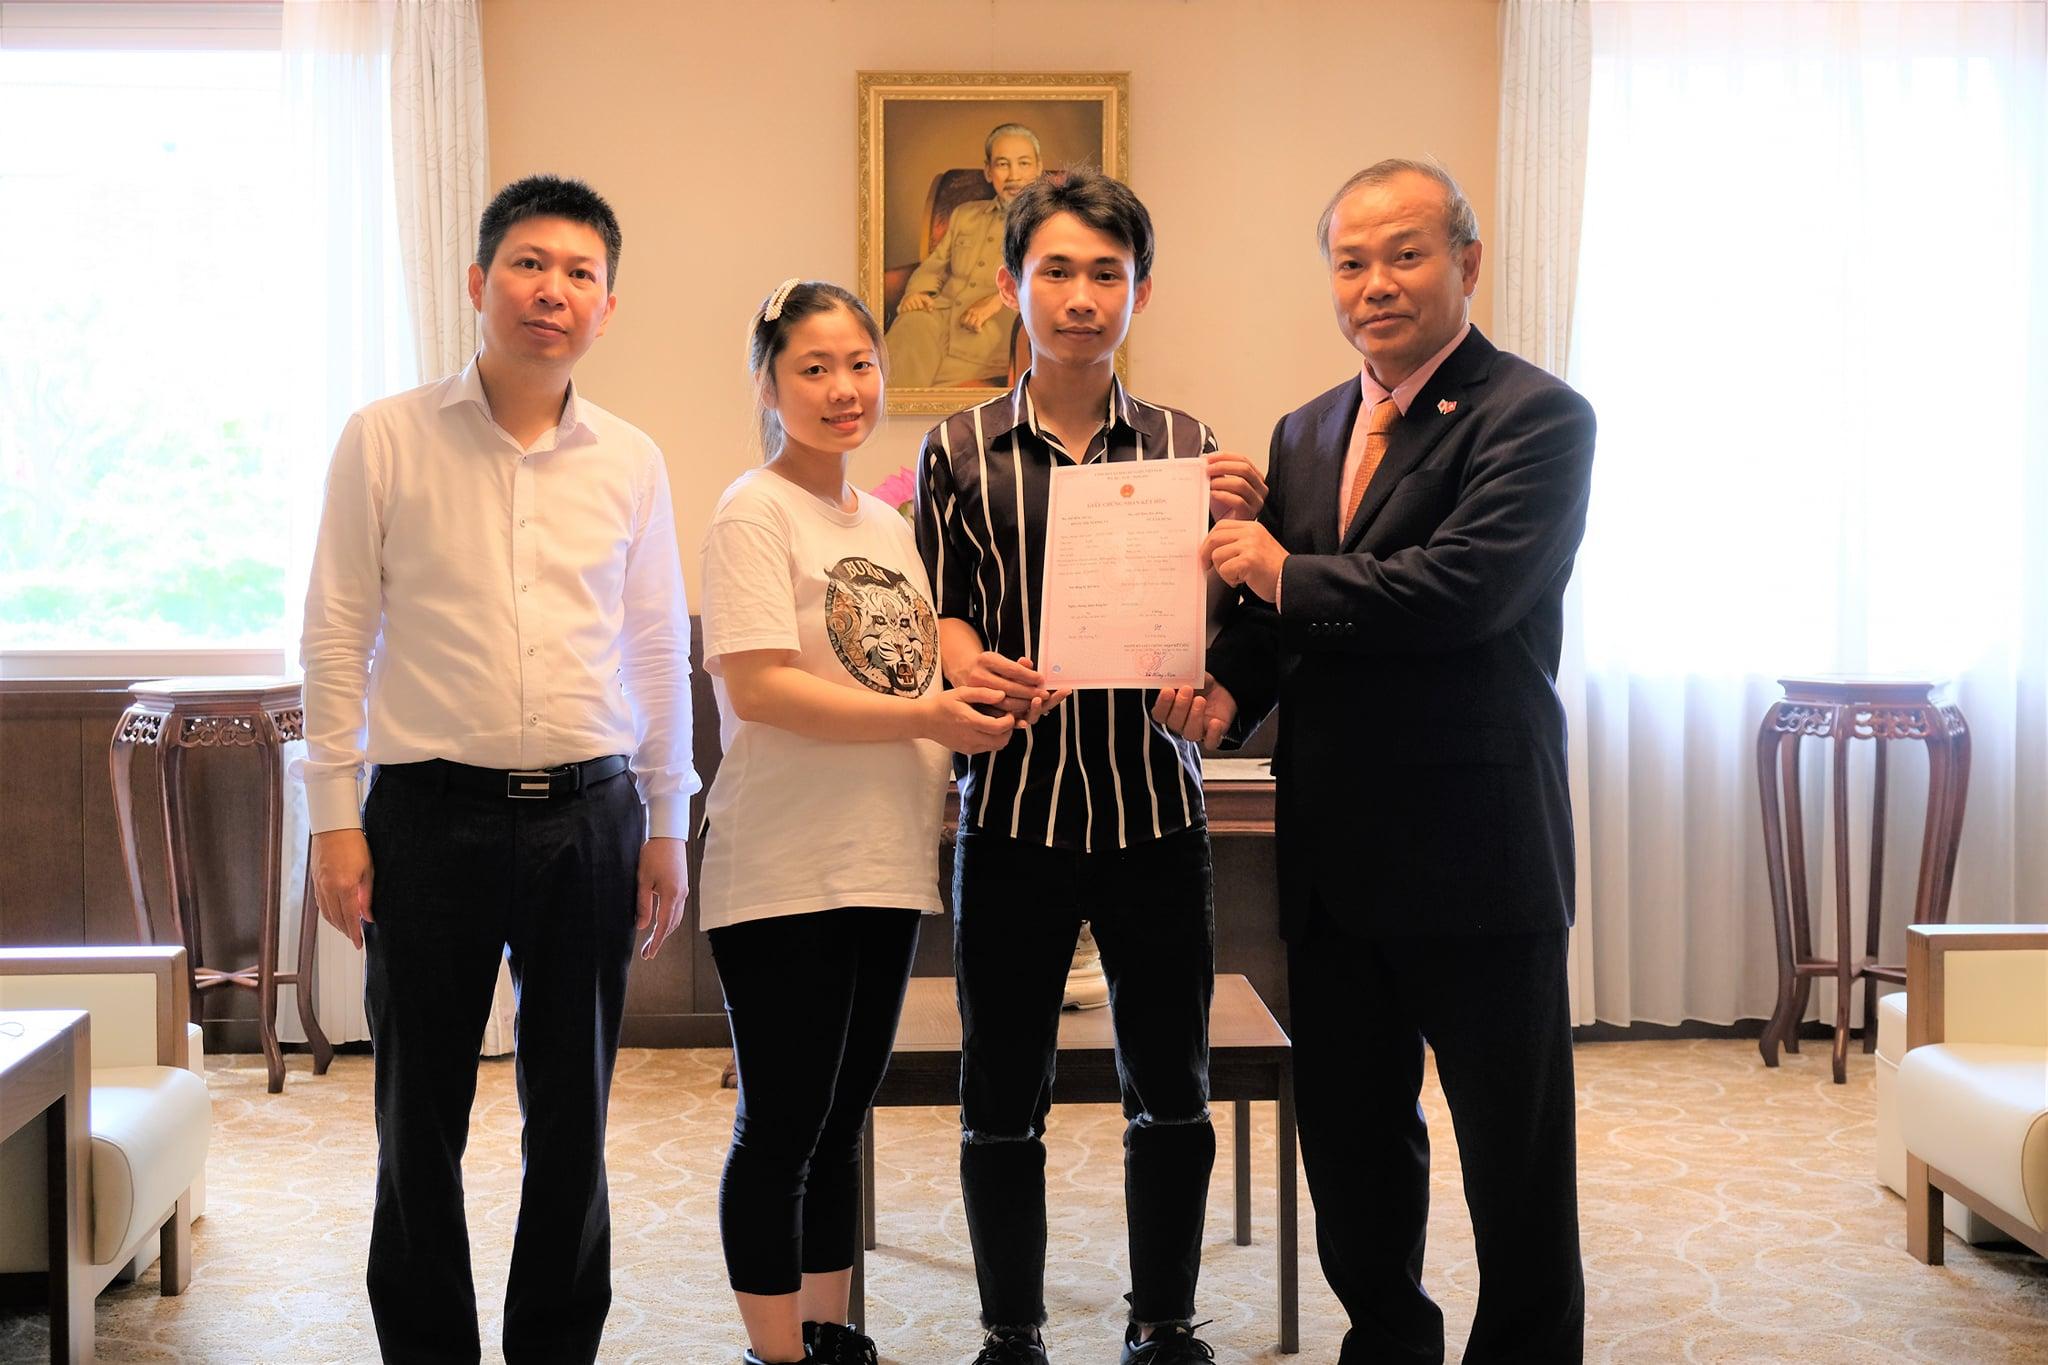 Đại sứ Vũ Hồng Nam trao Giấy chứng nhận kết hôn cho người Việt tại Nhật Bản.